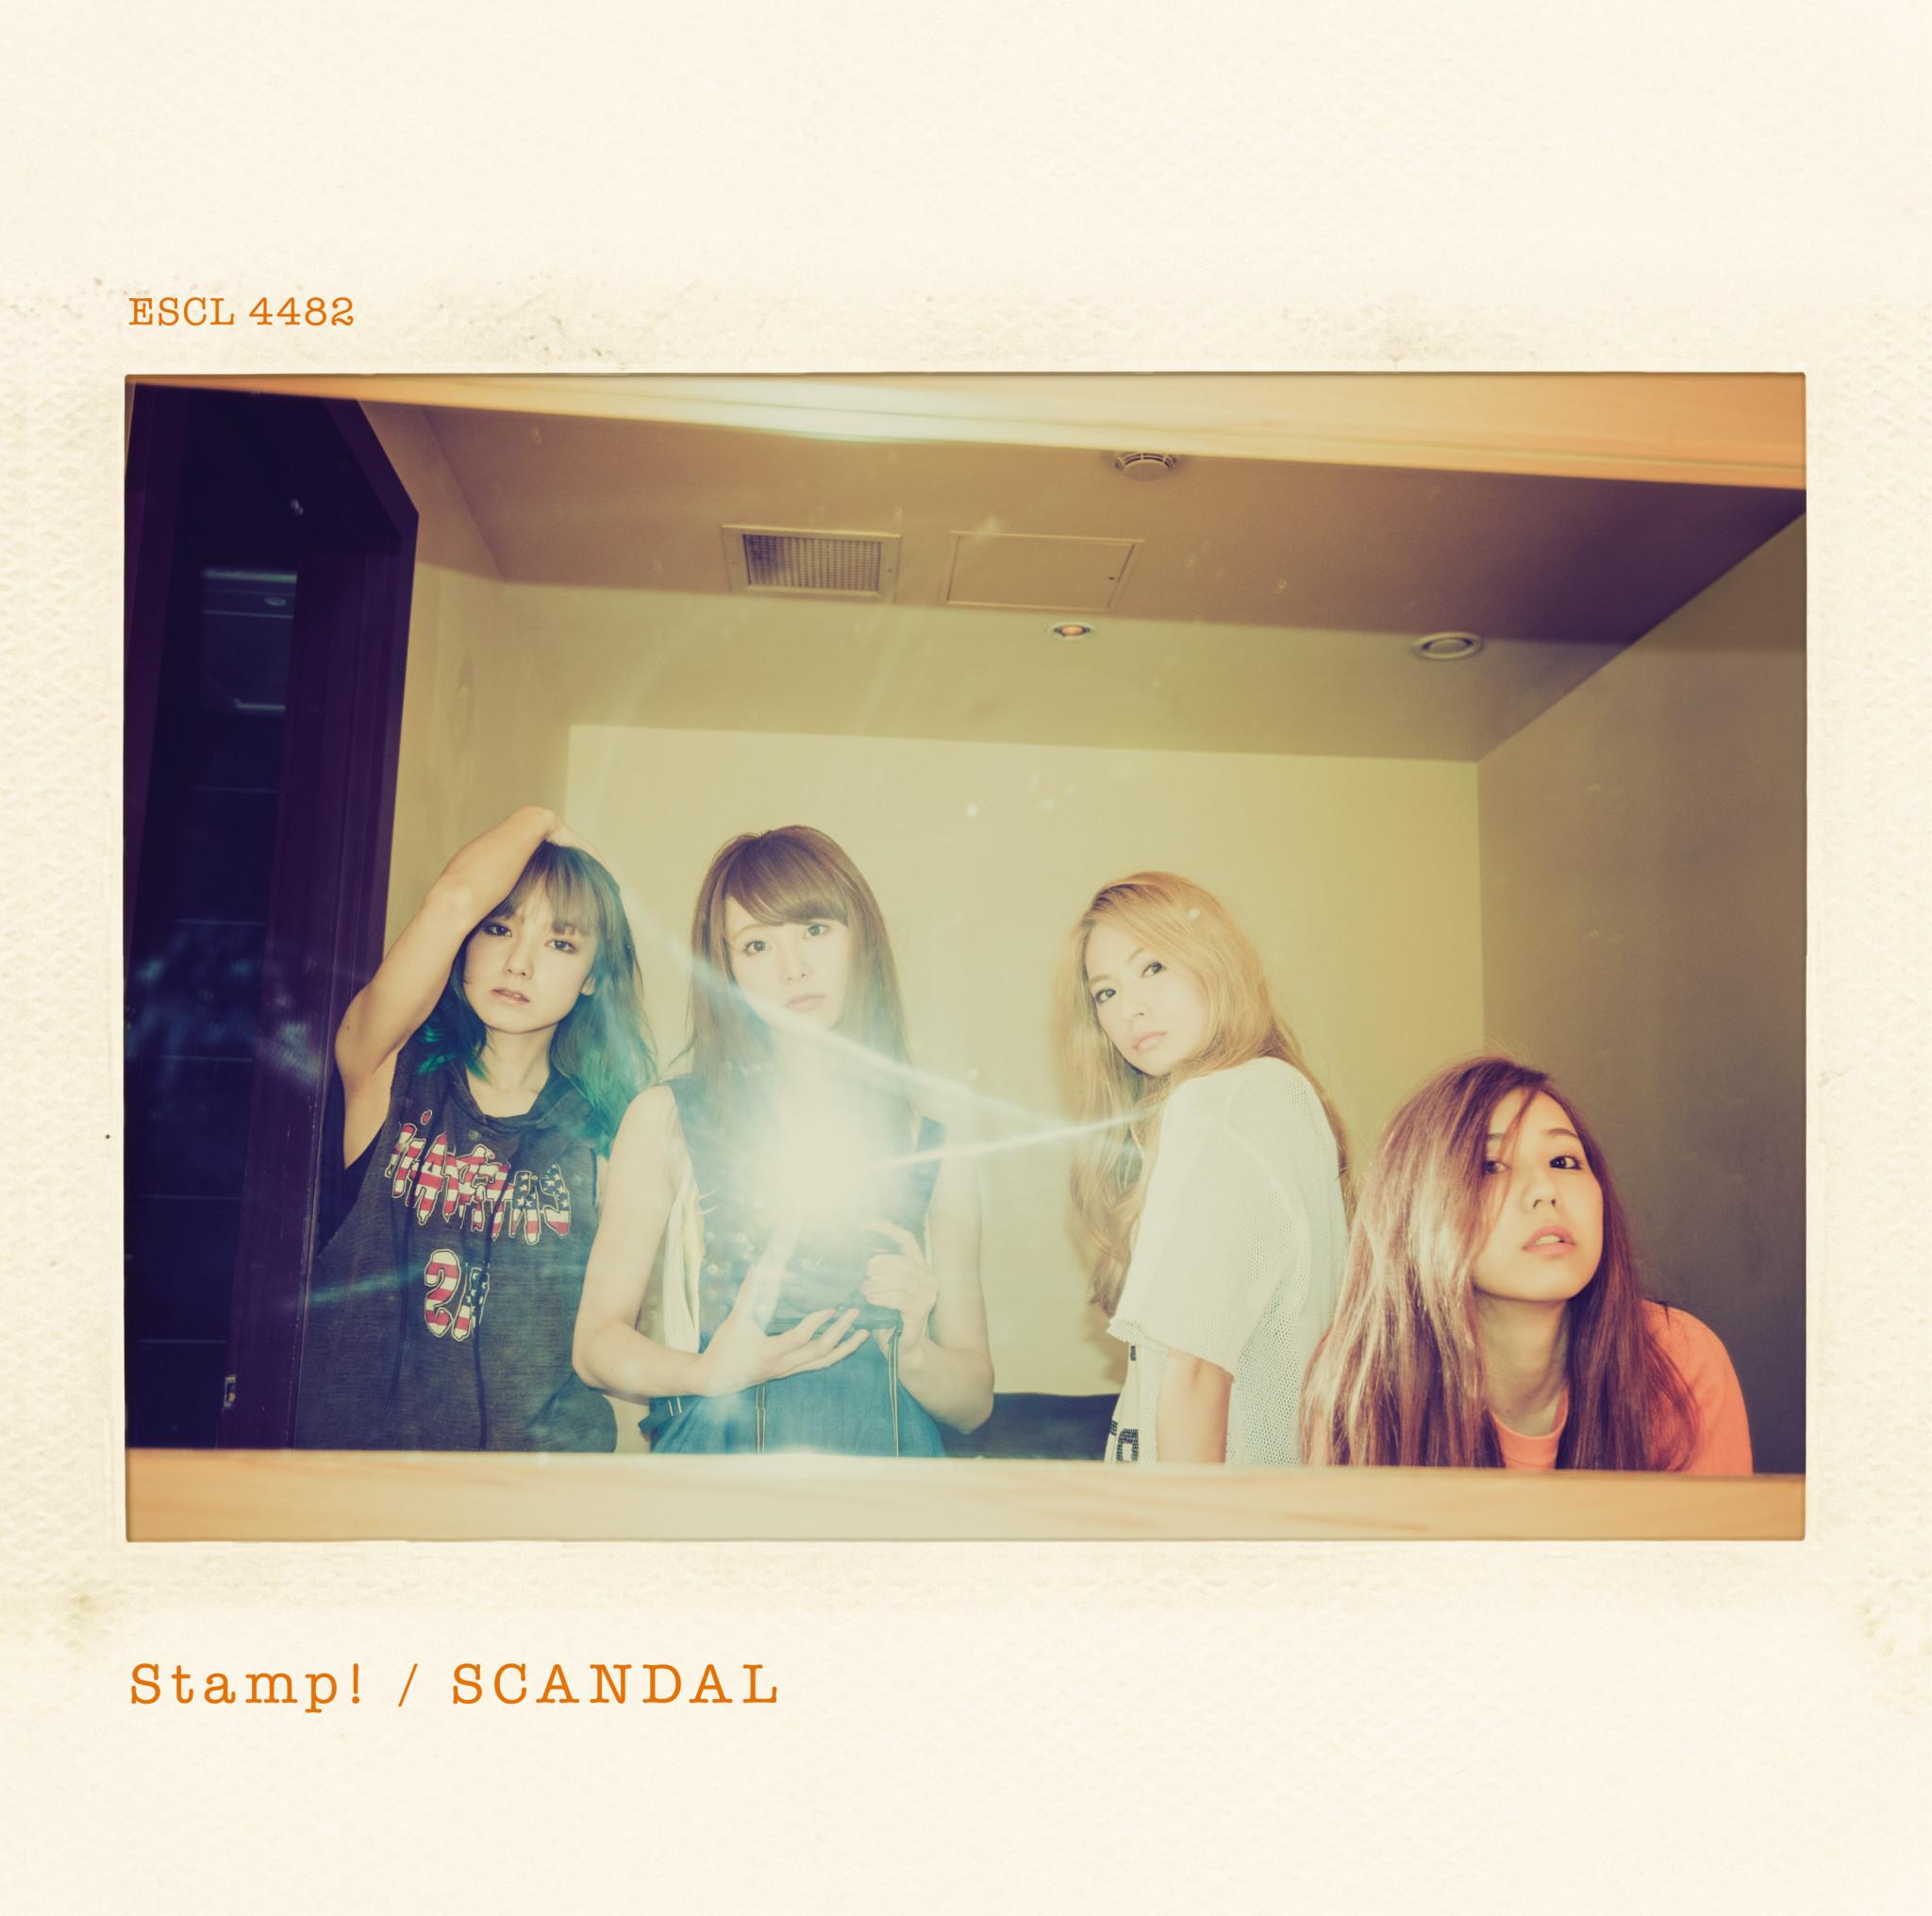 【7.22】SCANDAL Sg 「Stamp!」通常盤_JK写_l